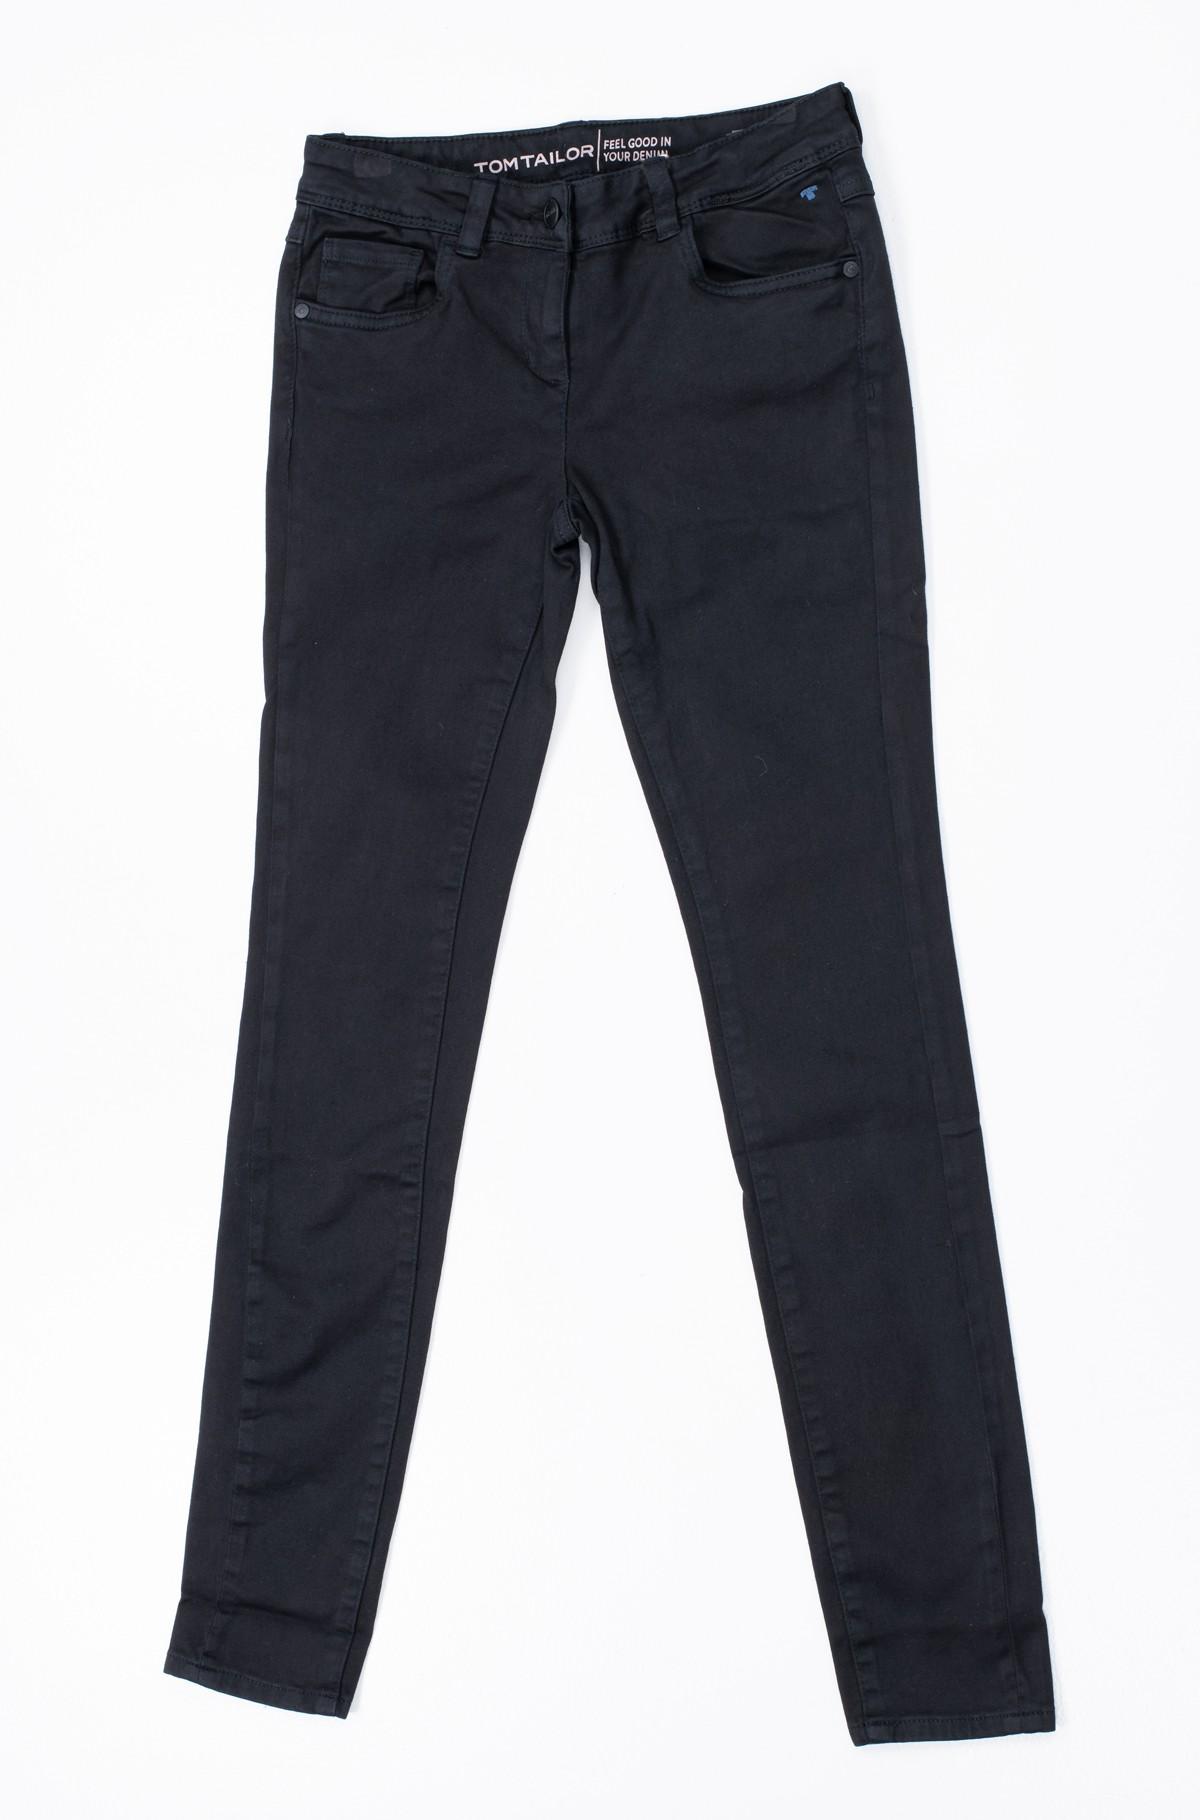 Kids jeans 62062750940-full-1